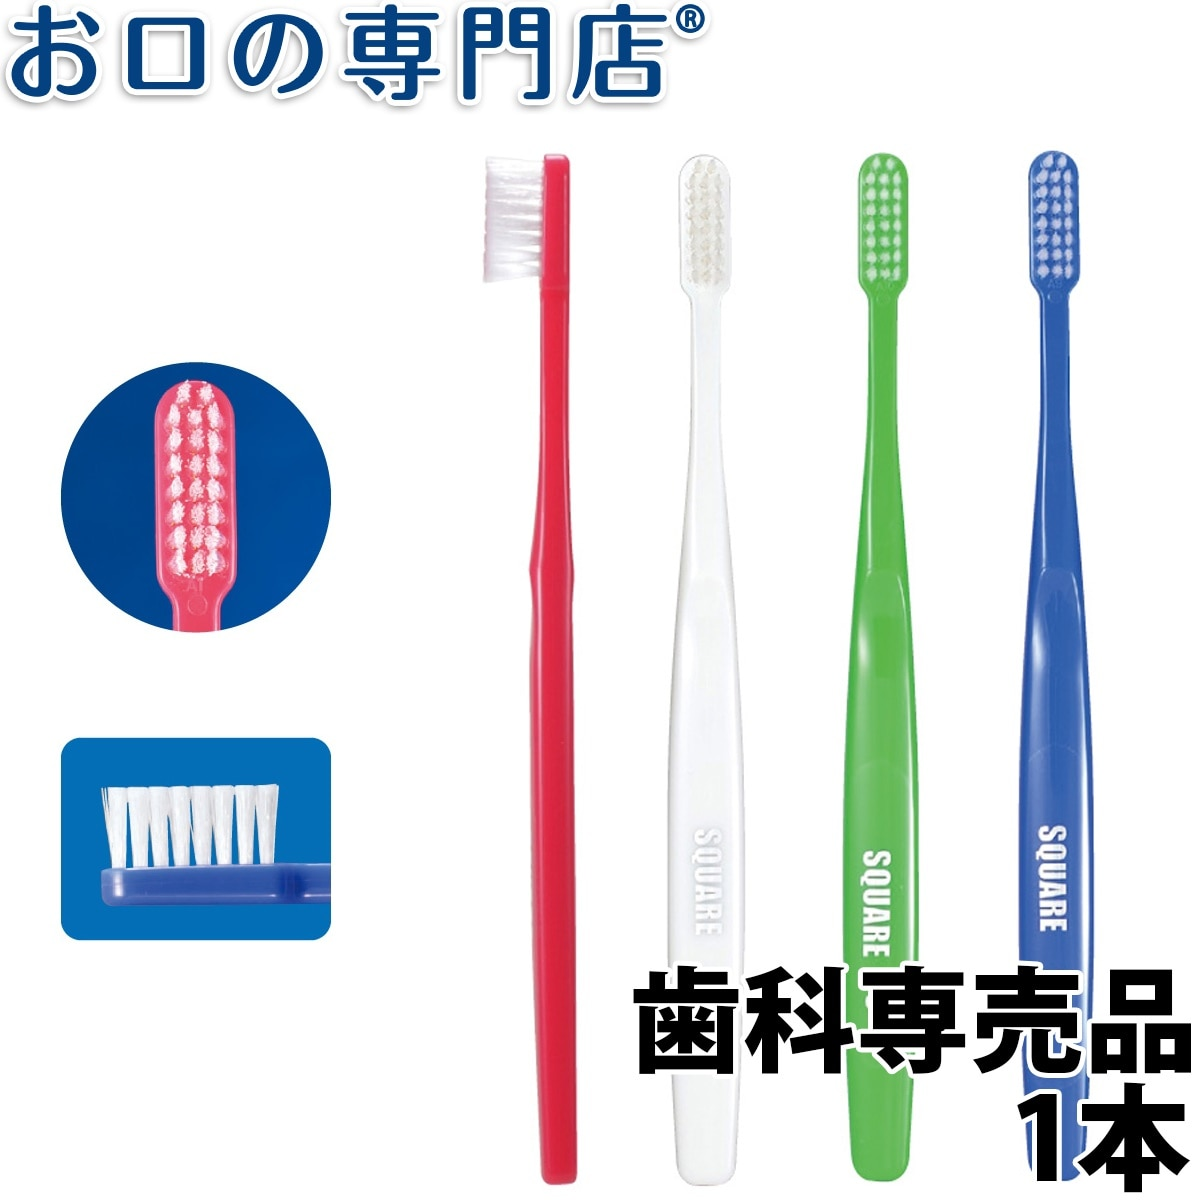 Ci リセラ スクエア 歯ブラシ ラウンド毛 1本 Recera SQUARE 歯科専売品【Ci】